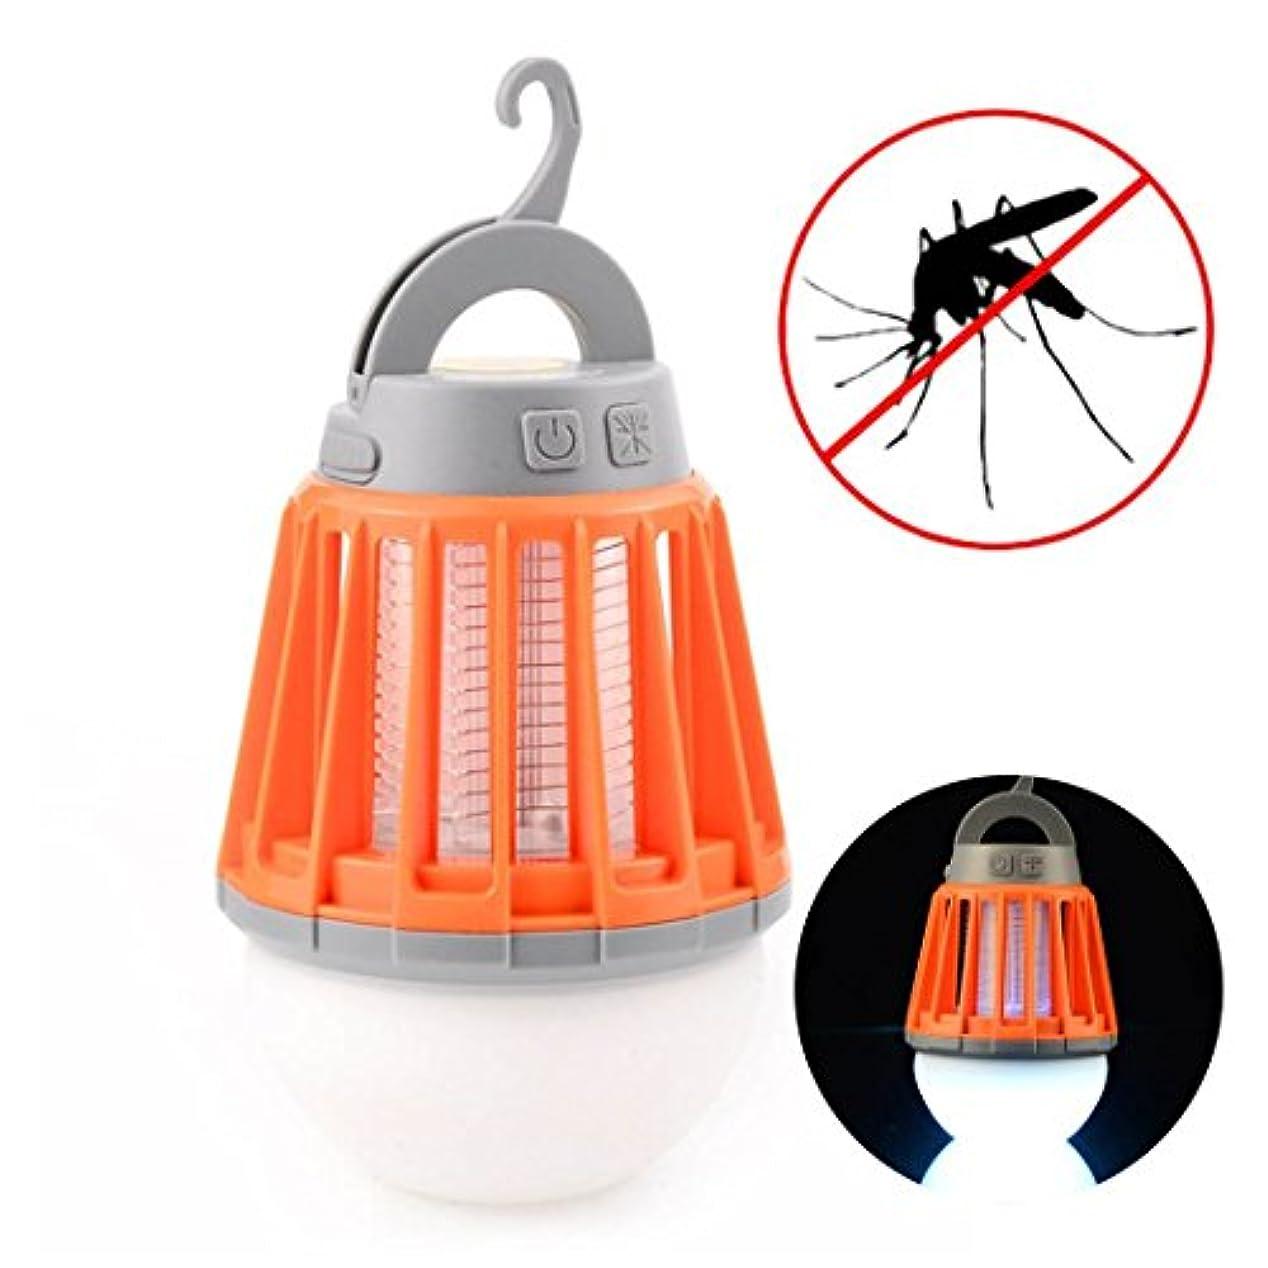 離婚完璧悪性電撃殺虫器 LEDランタン TopYart 蚊取りと照明両用 USB充電式 IPX6 防水機能 屋外室内適用 (オレンジ)